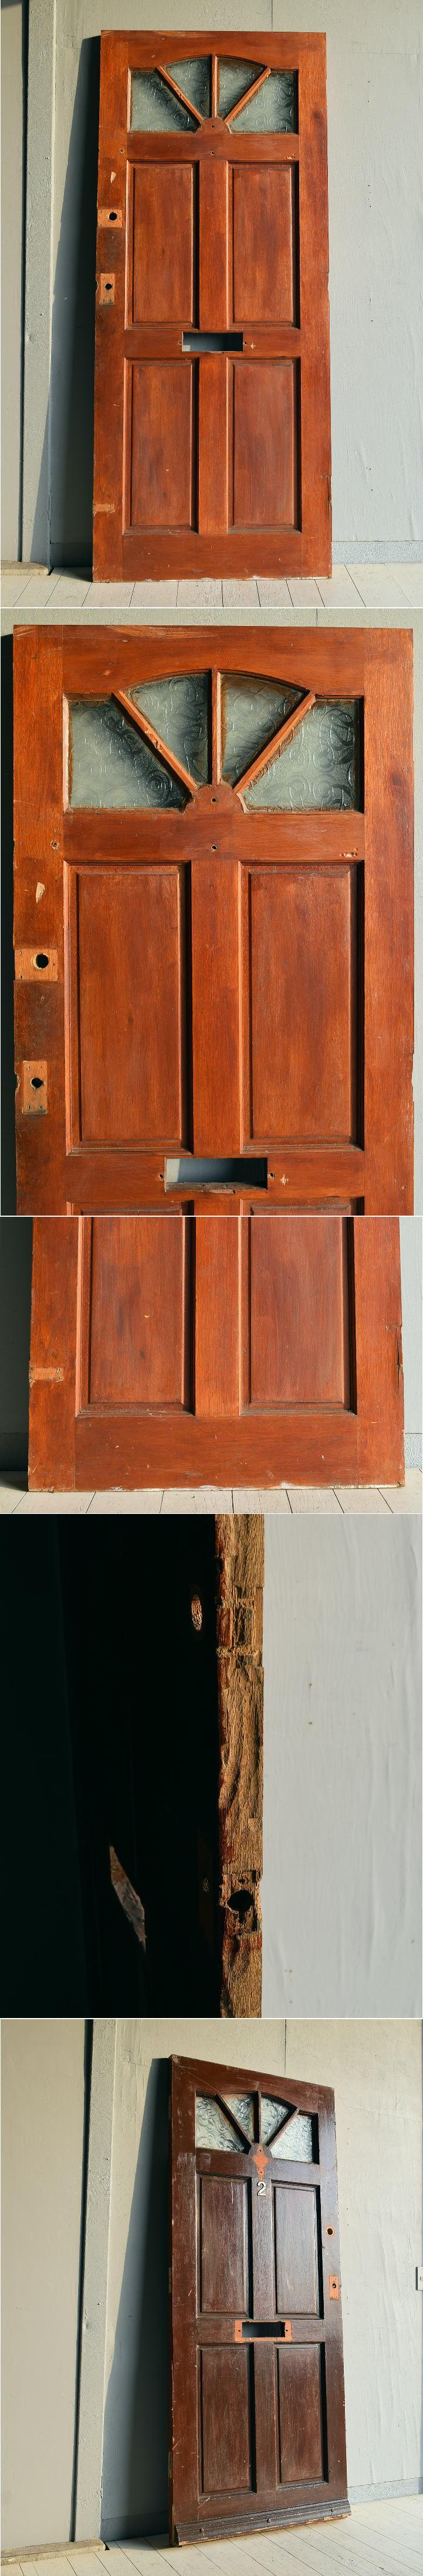 イギリス アンティーク ドア 扉 建具 ディスプレイ 7811